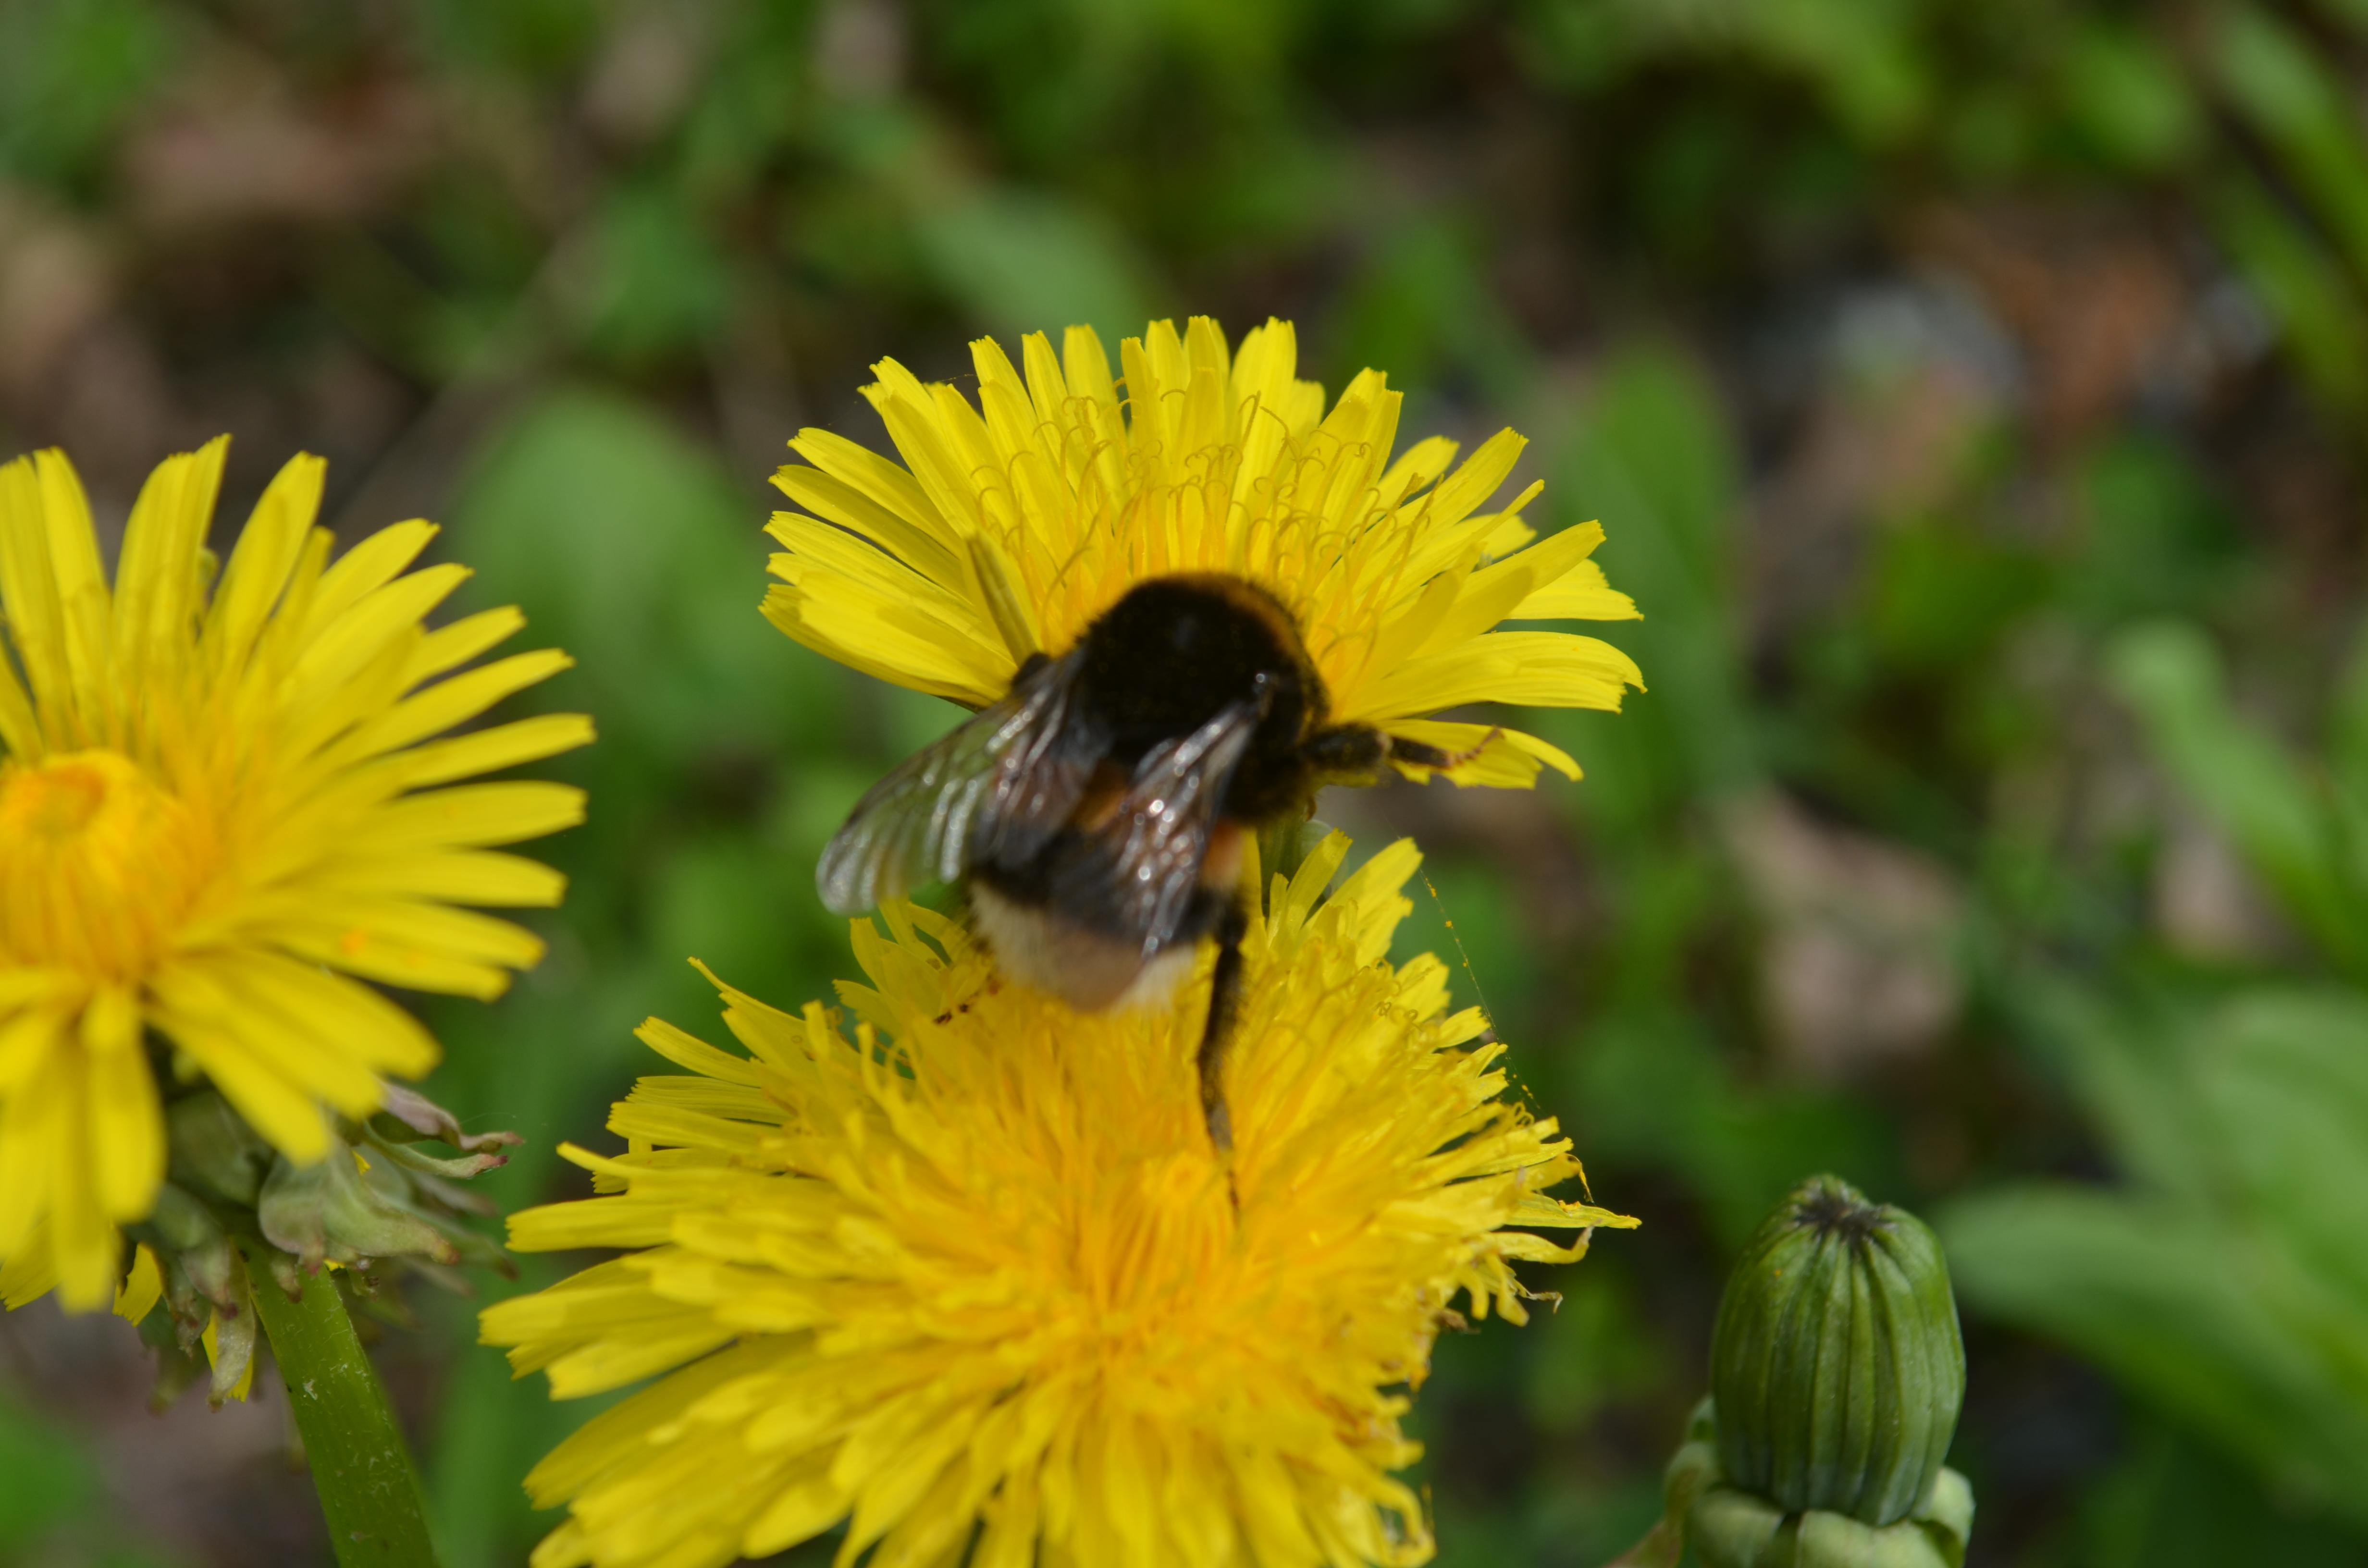 Humledronning (Bombus terrestris)i full gang med å samle nektar og pollen til sine små. Samtidig pollinerer hun løvetannen.